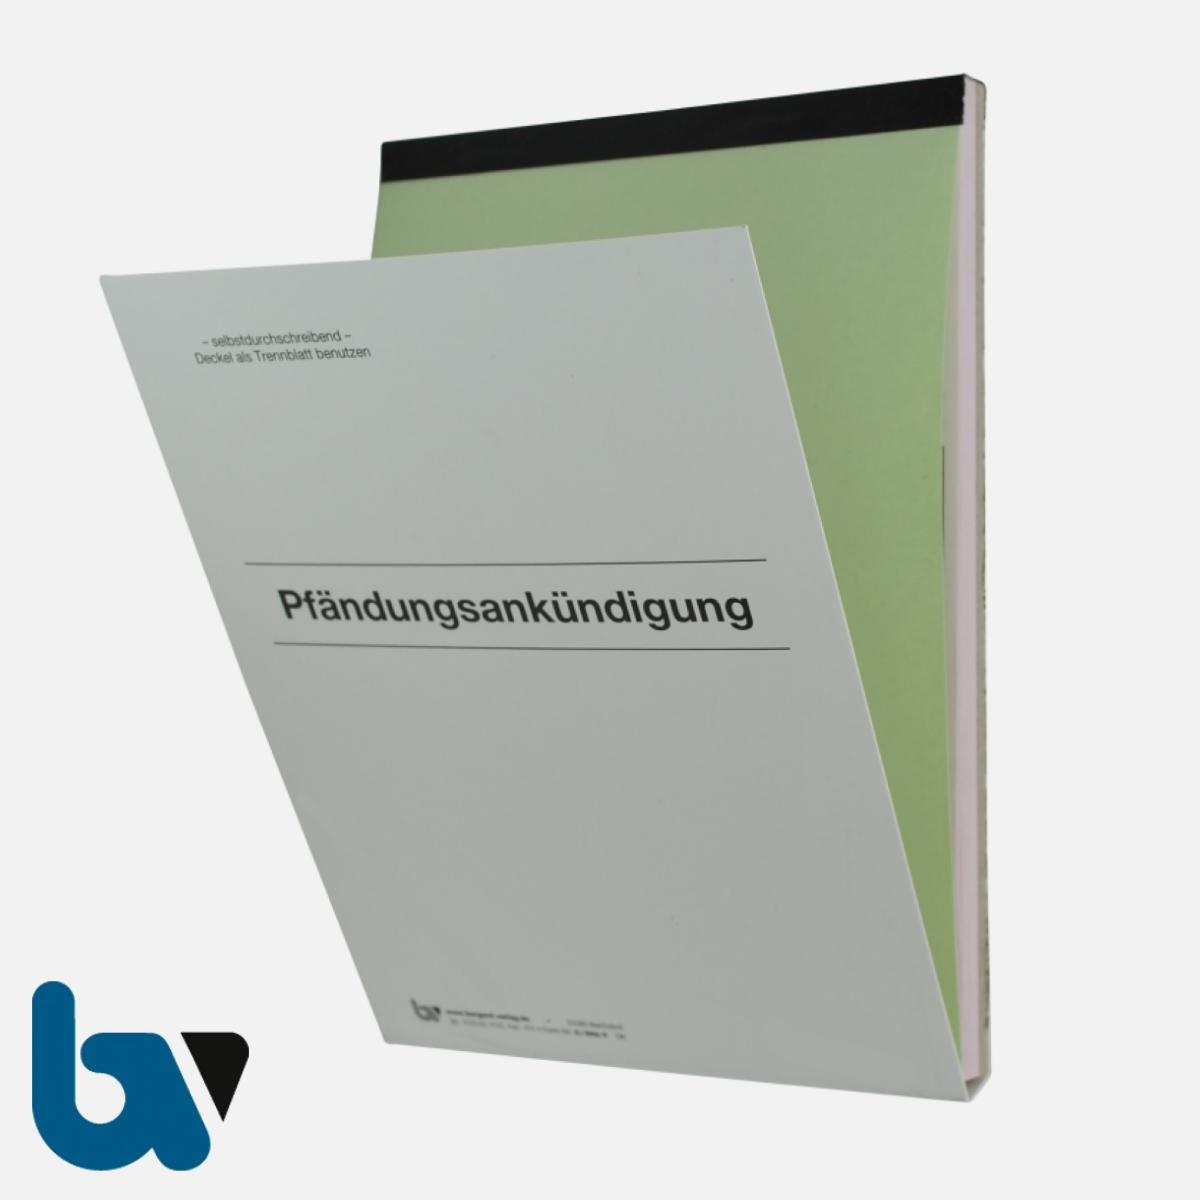 0/846-9 Pfändungsankündigung Auftrag Einschlagdeckel Durchschreibeschutz Schreibschutzdecke perforiert 2-fach selbstdurchschreibend DIN A5 Außen | Borgard Verlag GmbH